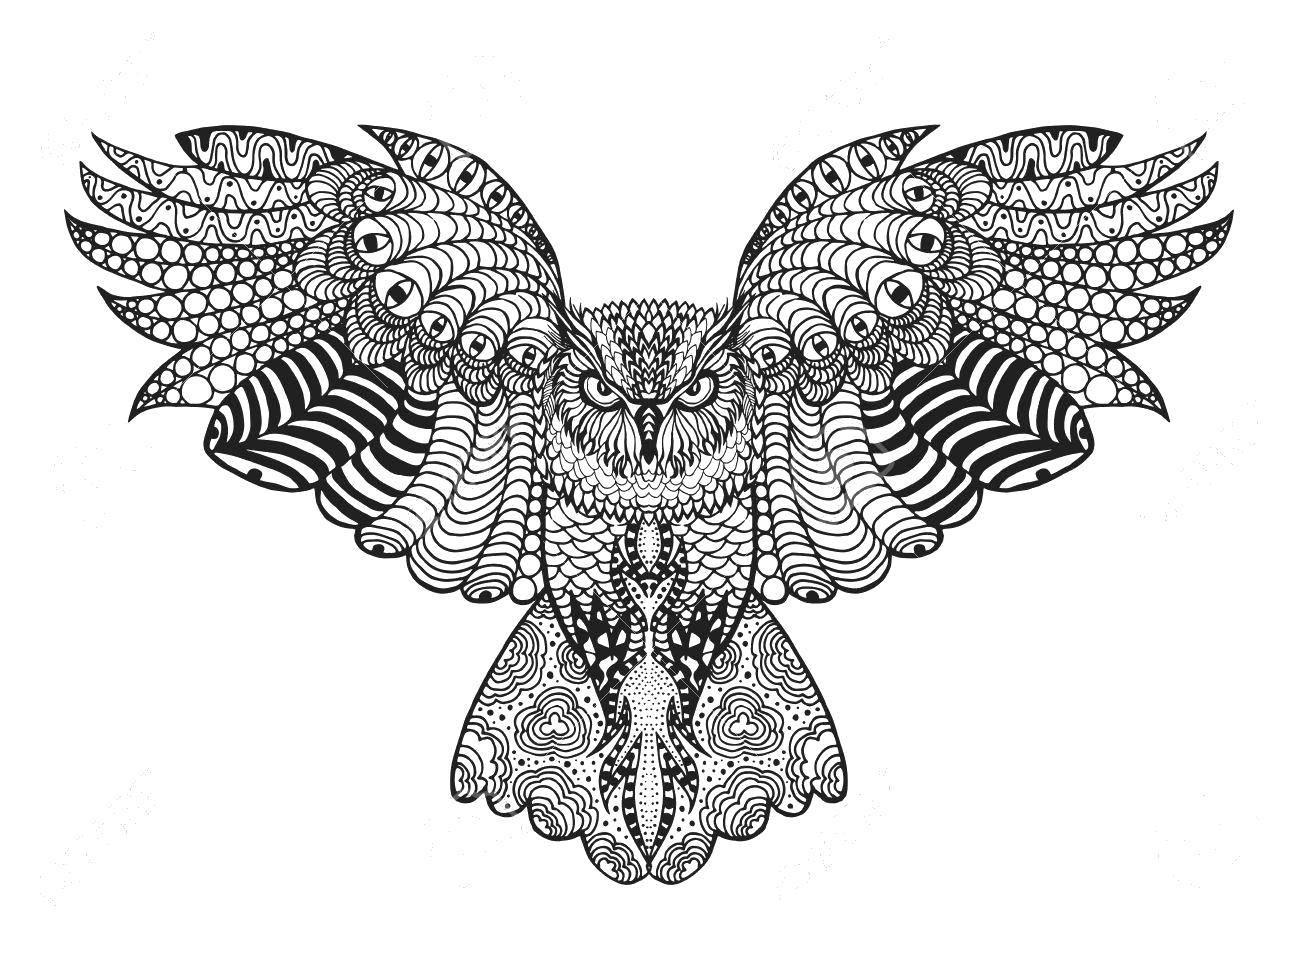 Раскраска Сова  из узоров парит в воздухе Скачать ,Узор, животные, сова,.  Распечатать